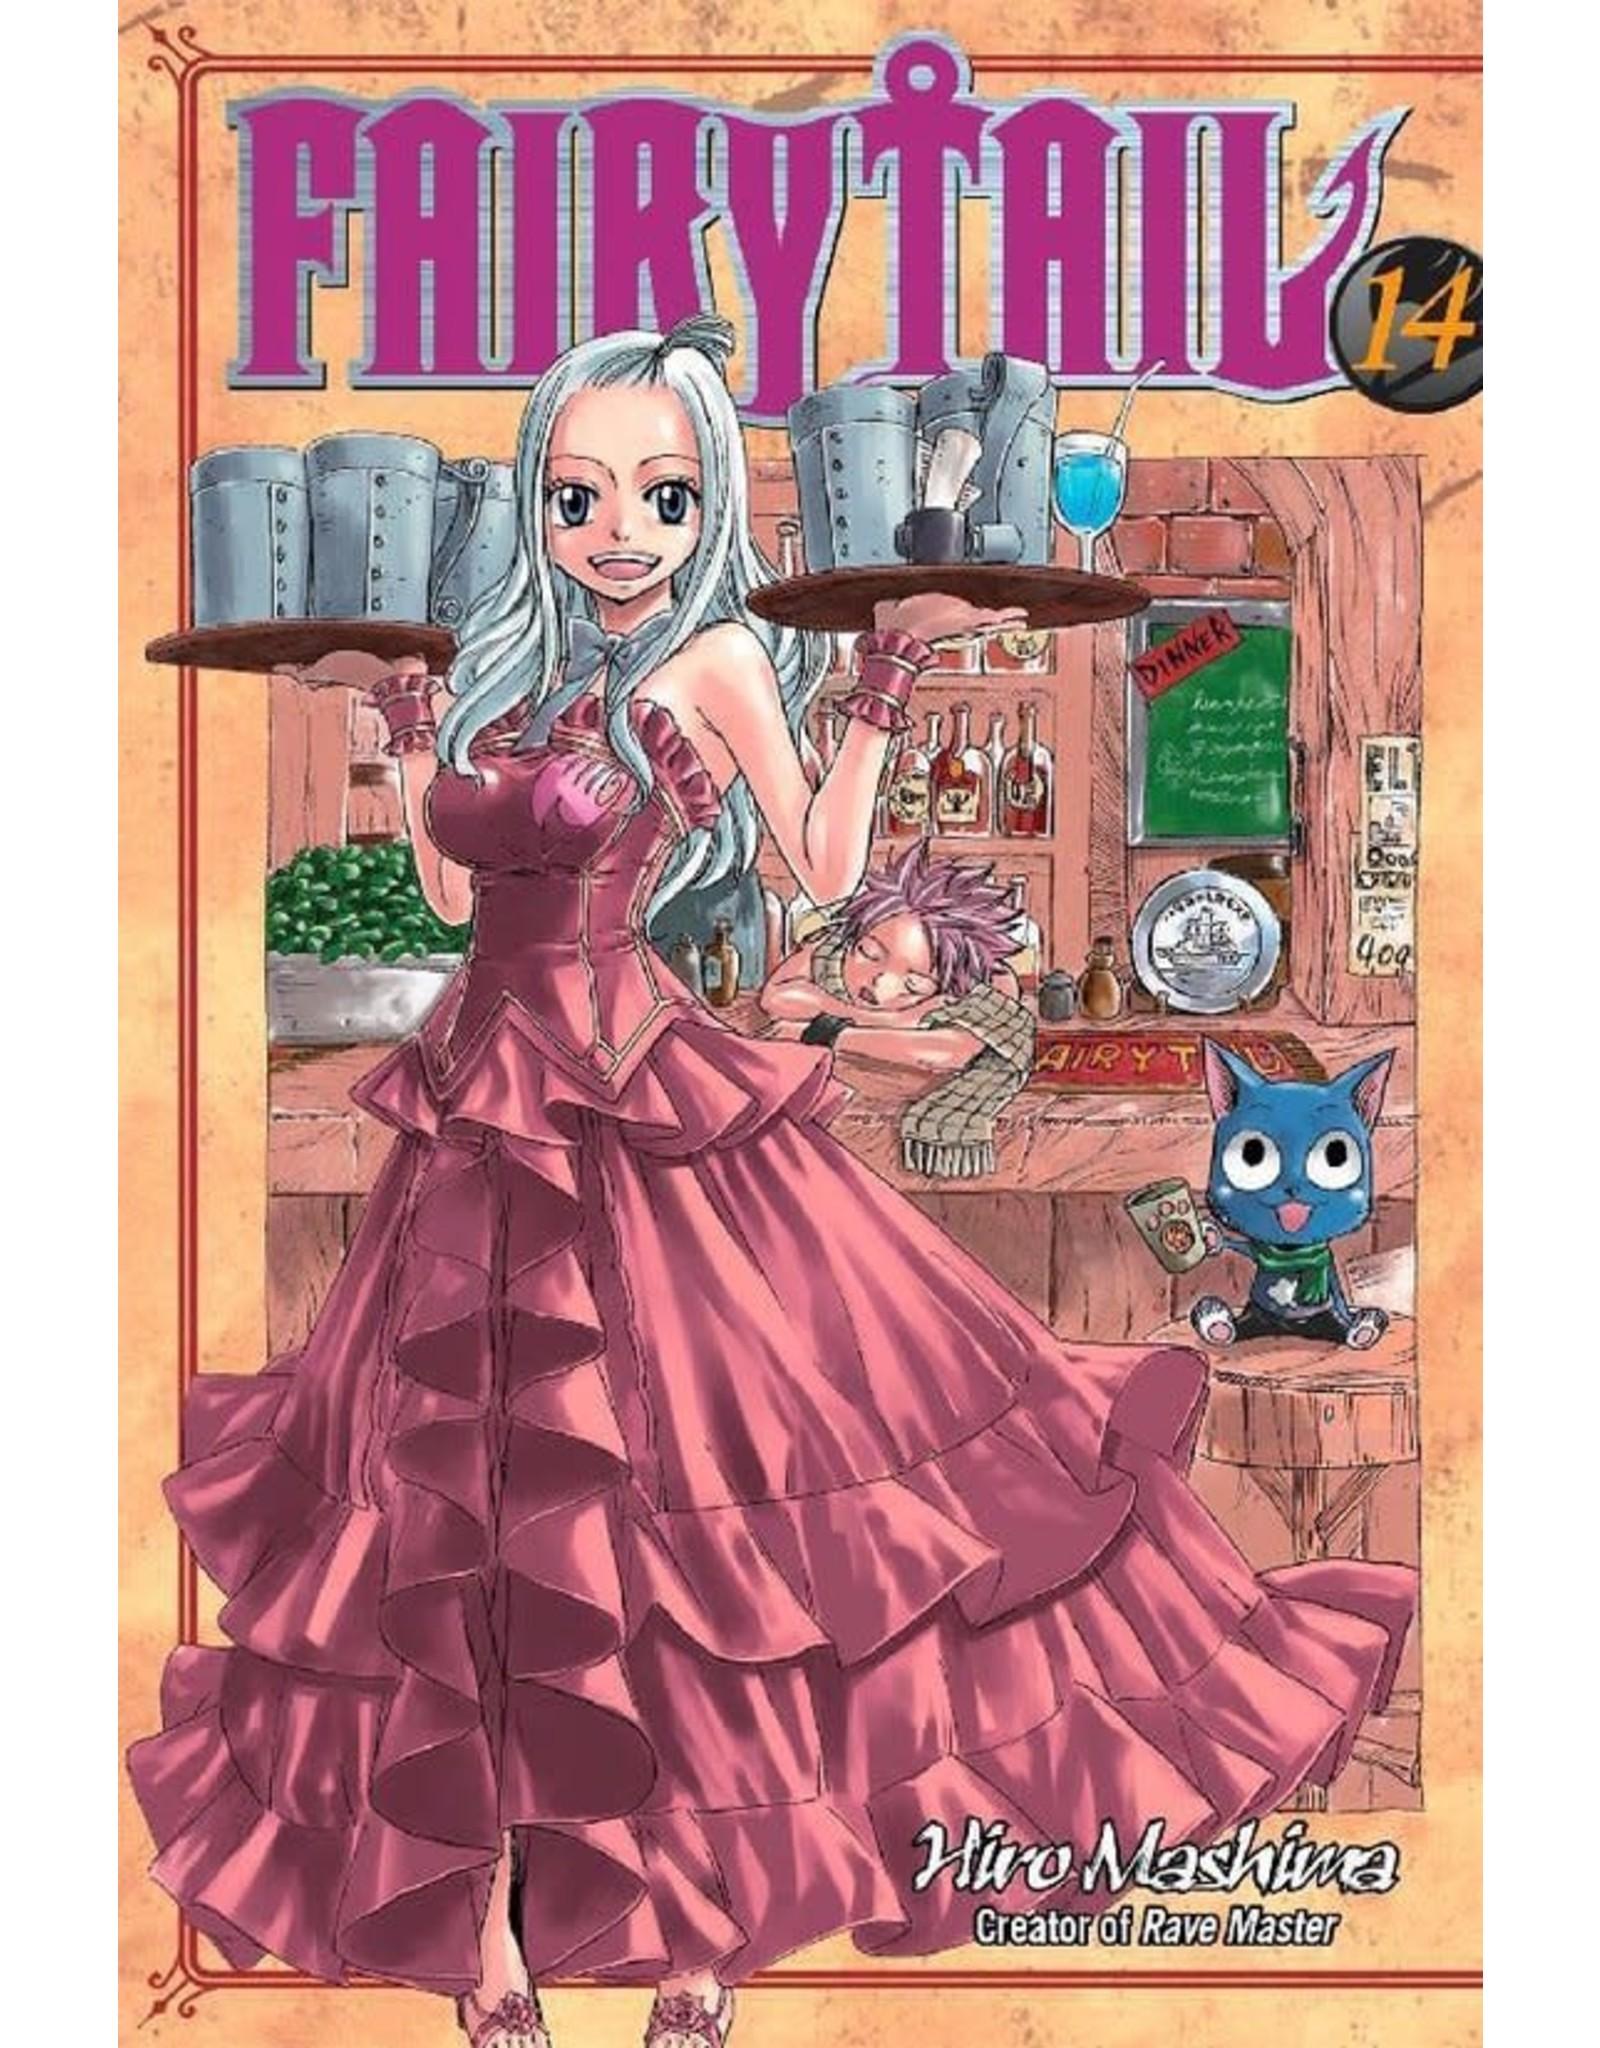 Fairy Tail 14 (Engelstalig) - Manga